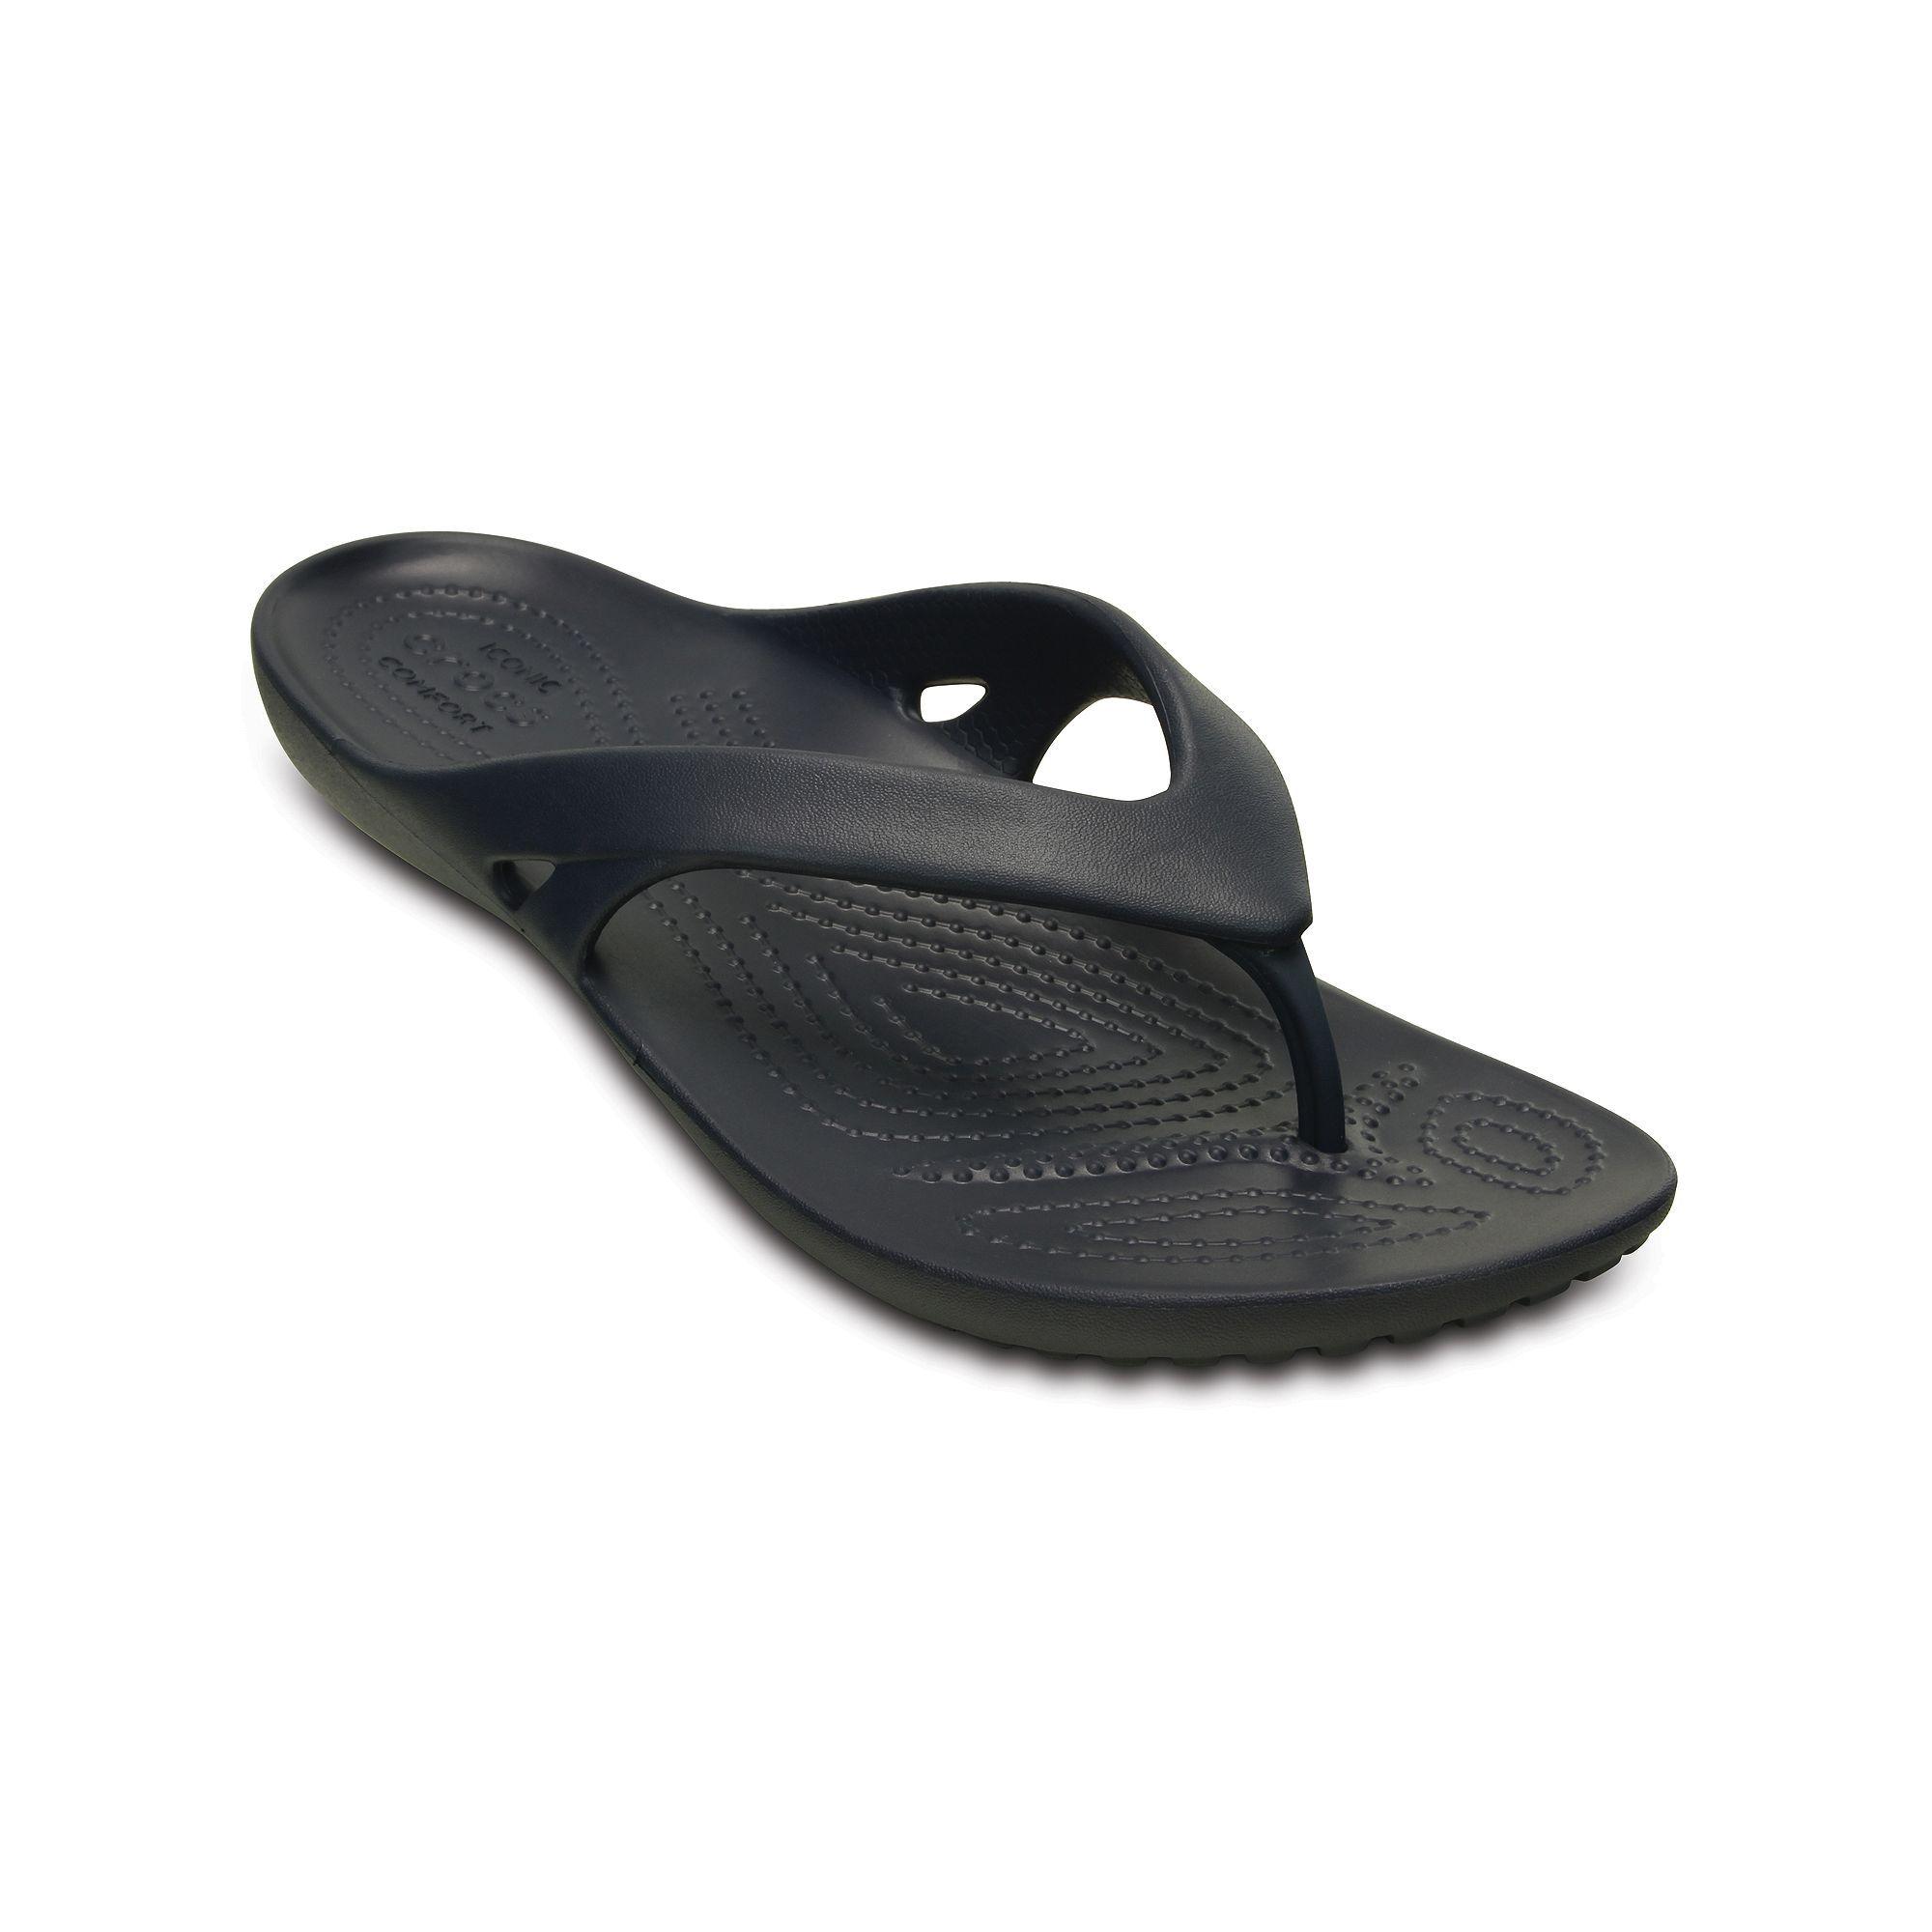 801b695fb0cfc Crocs Kadee II Women s Flip-Flops